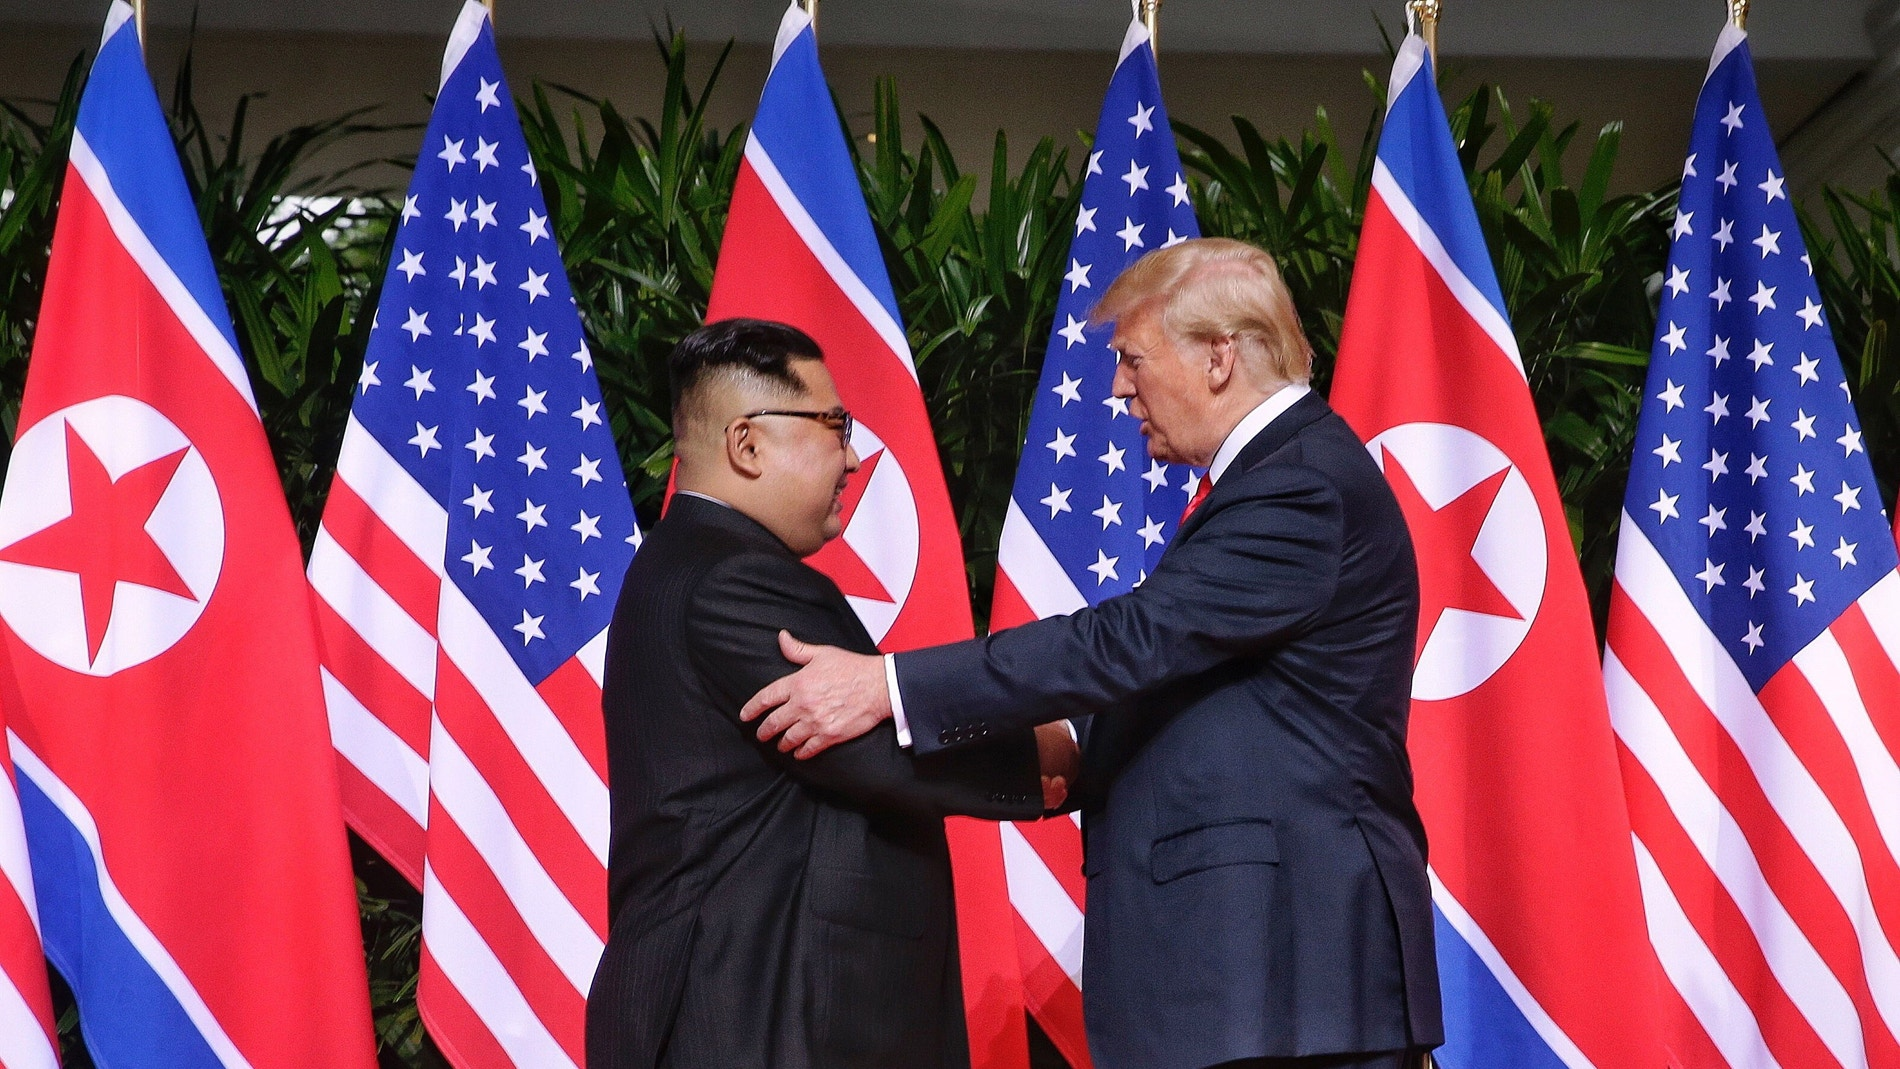 El presidente de los Estados Unidos, Donald Trump, y el líder norcoreano, Kim Jong-un